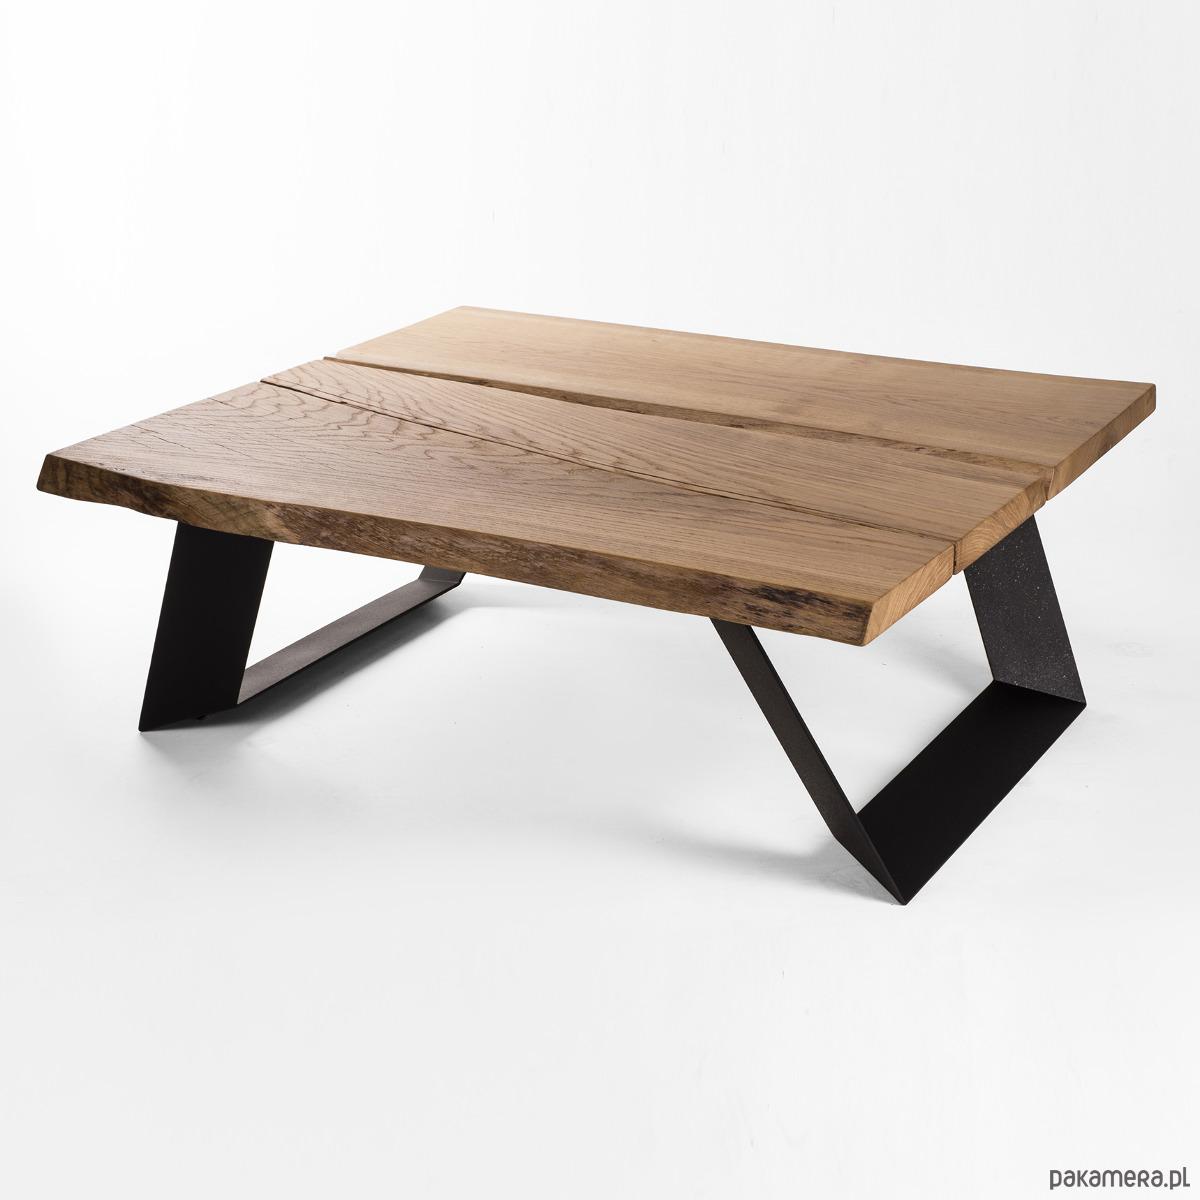 Poważne Stolik kawowy lity dębowy Drewno Design Loft Dąb - meble - stoły i BZ51